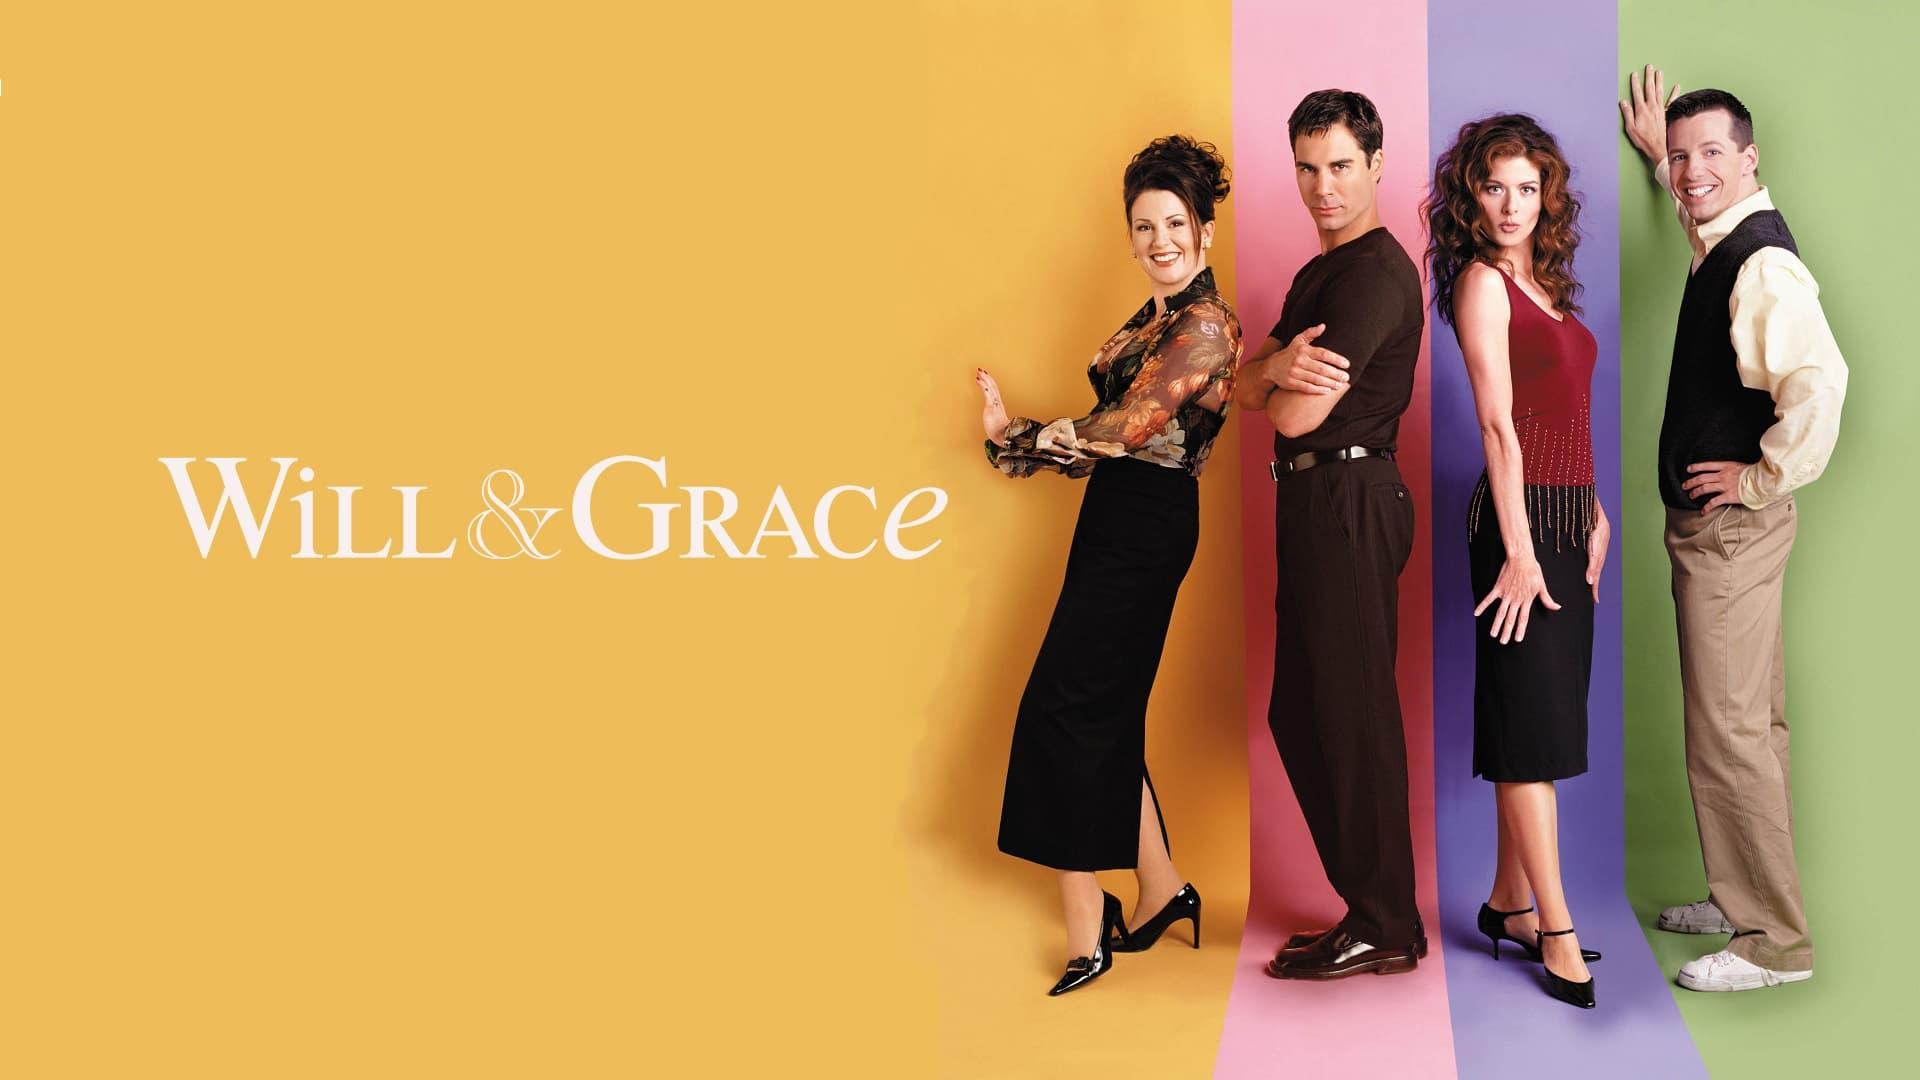 Will & Grace - Season 6